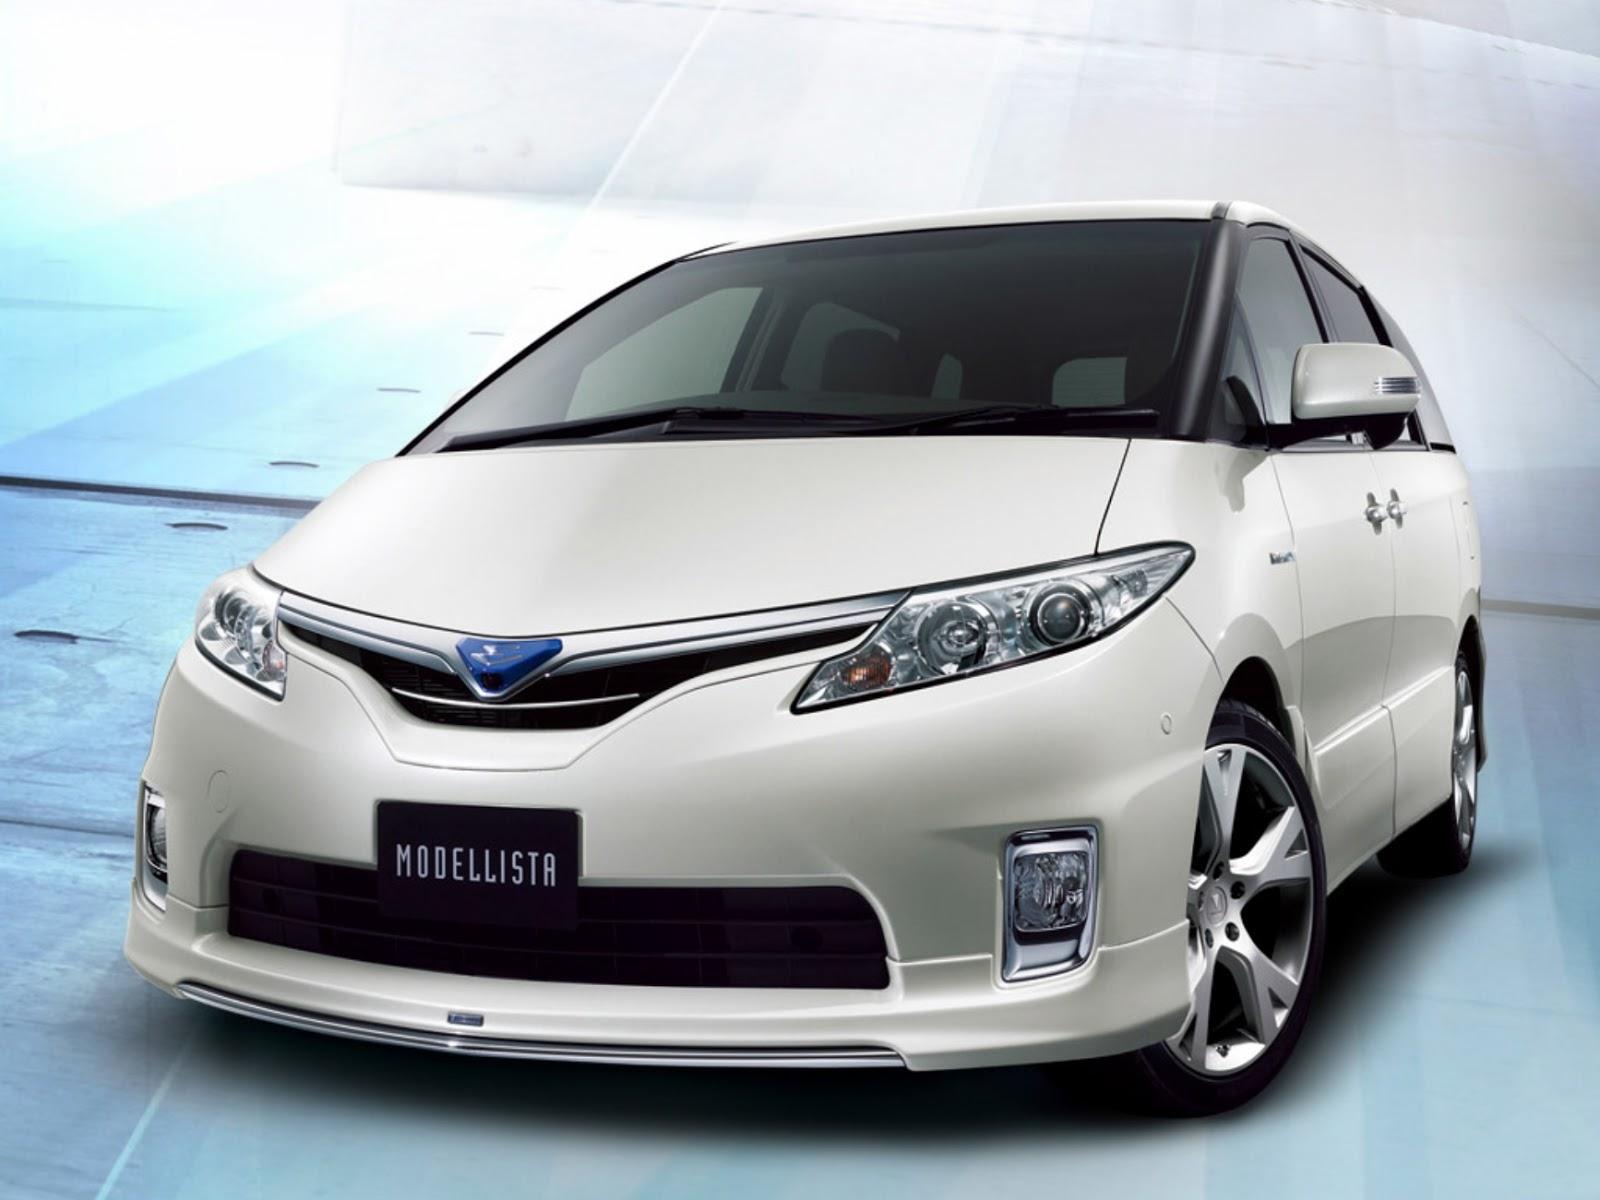 All Tuning Cars Nz 2012 Modellista Toyota Estima Hybrid